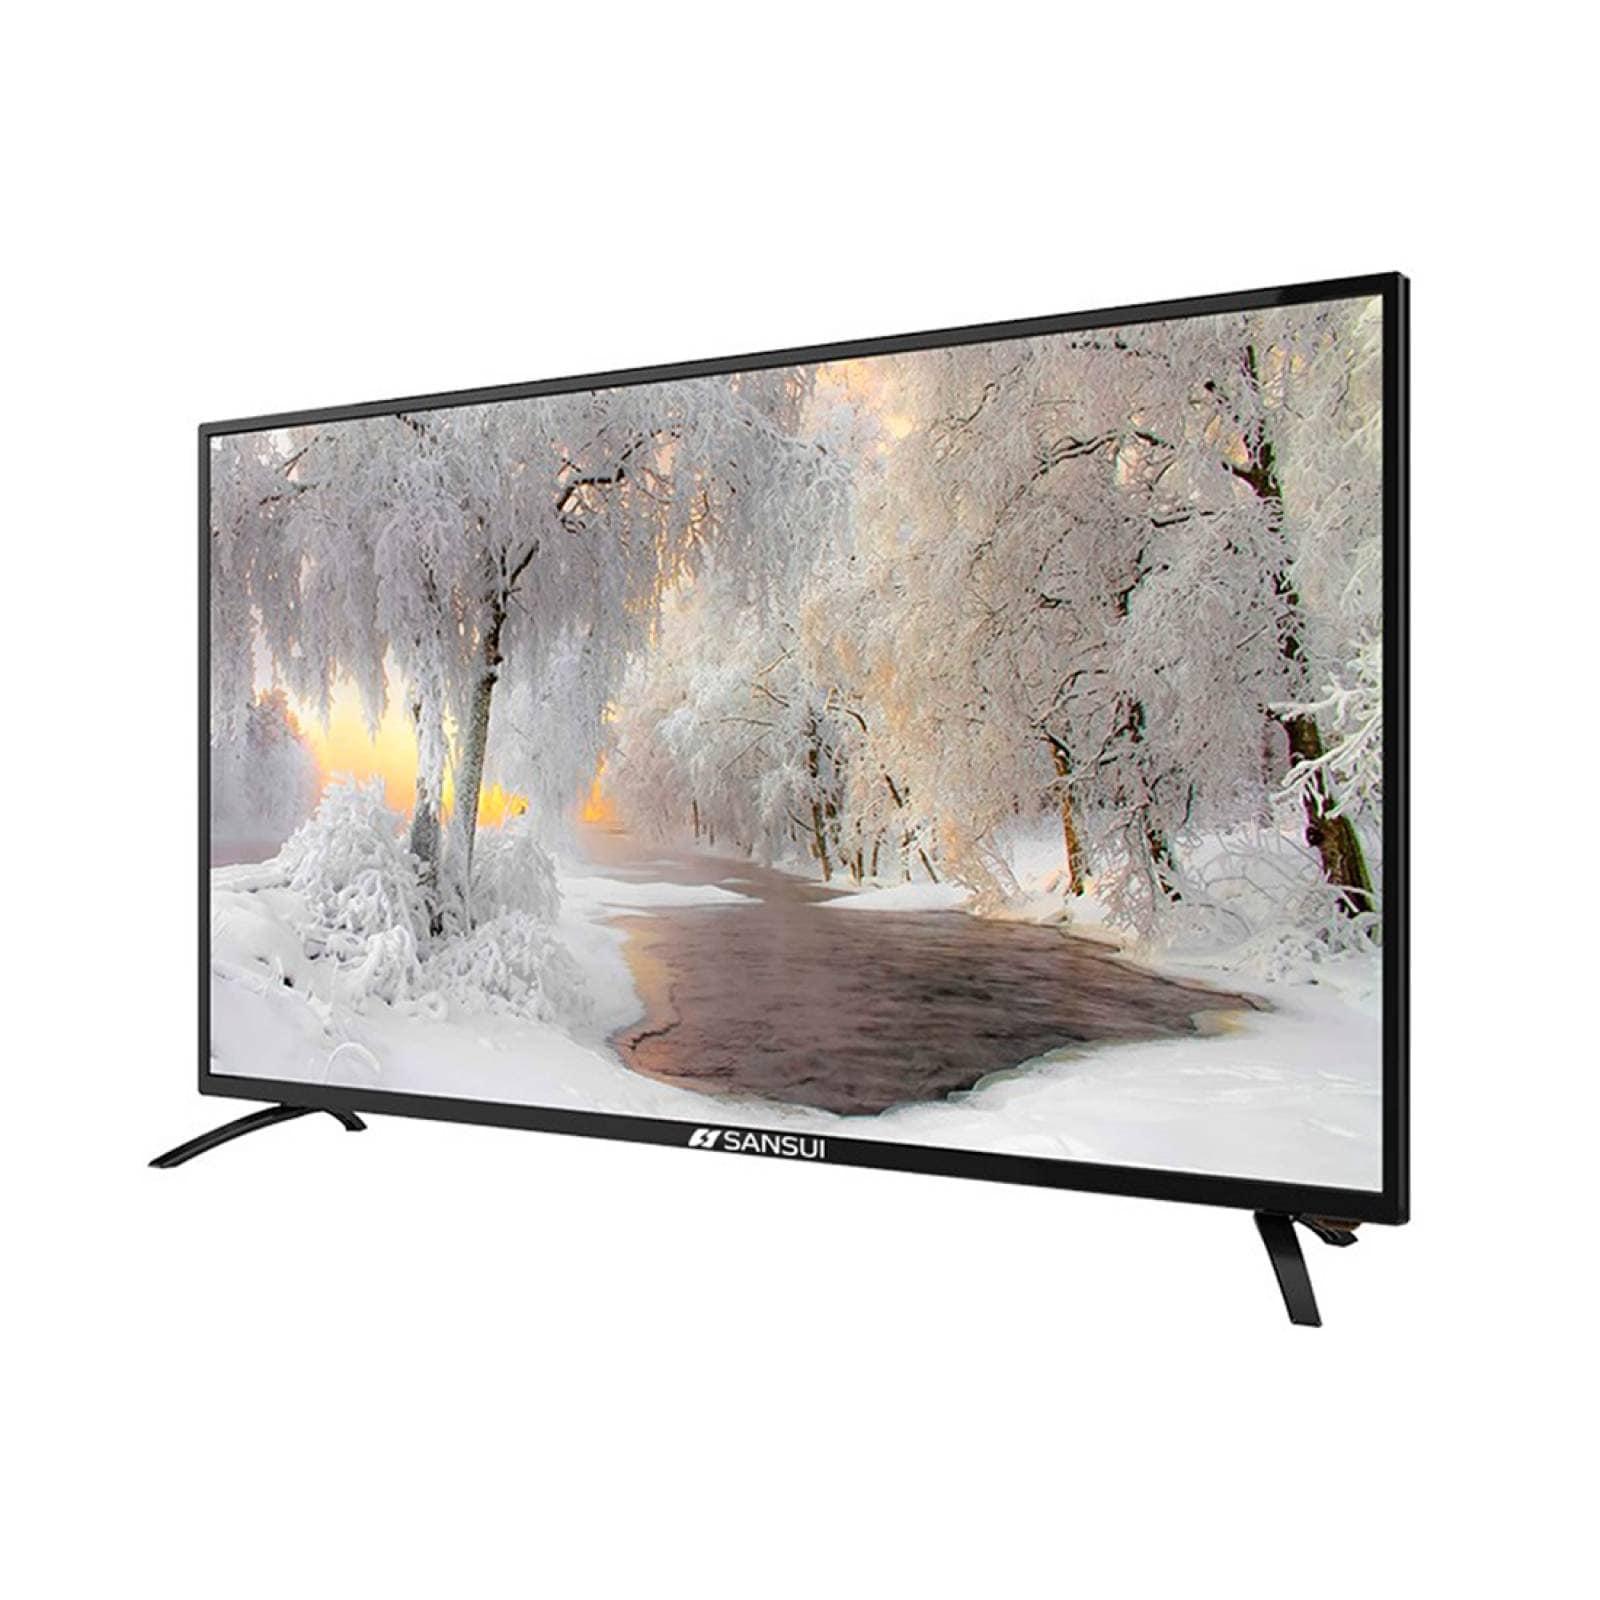 Smart TV 43 Pul DLED FHD 60Hz 2Core Negro SMX-4319USM Sansui